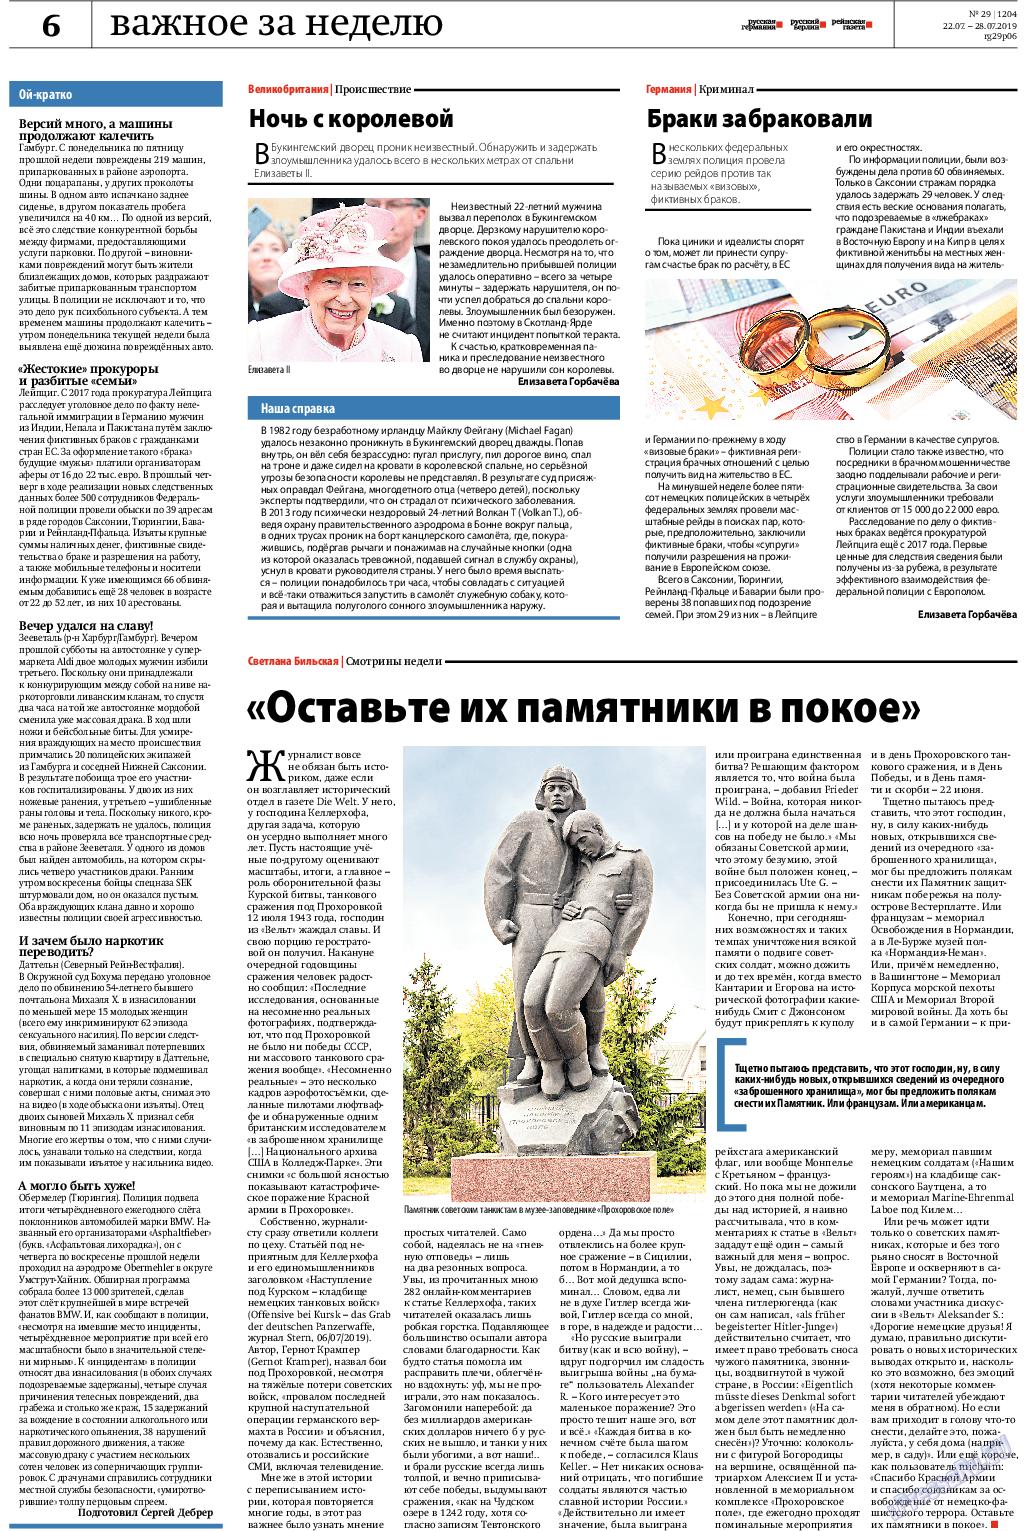 Русский Берлин (газета). 2019 год, номер 29, стр. 6